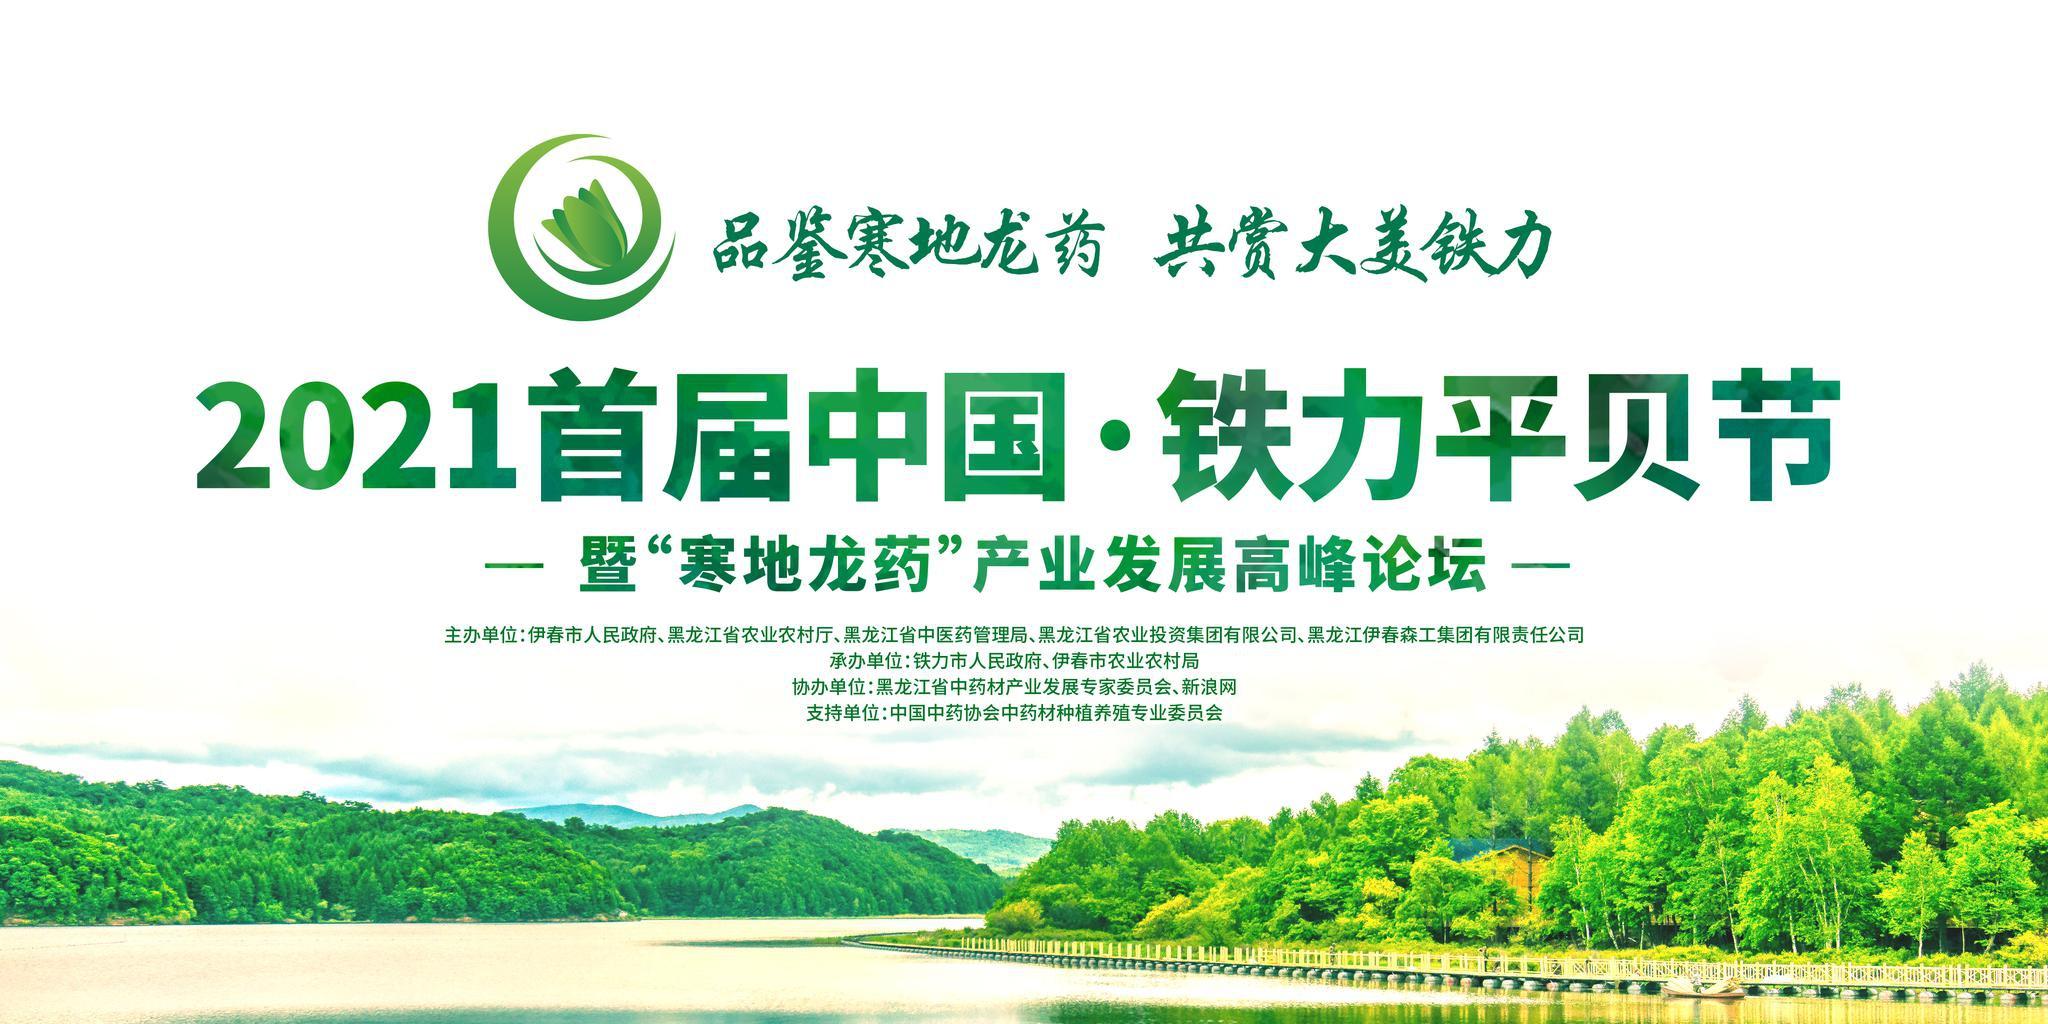 首届中国·铁力平贝节征集活动获奖作品公示